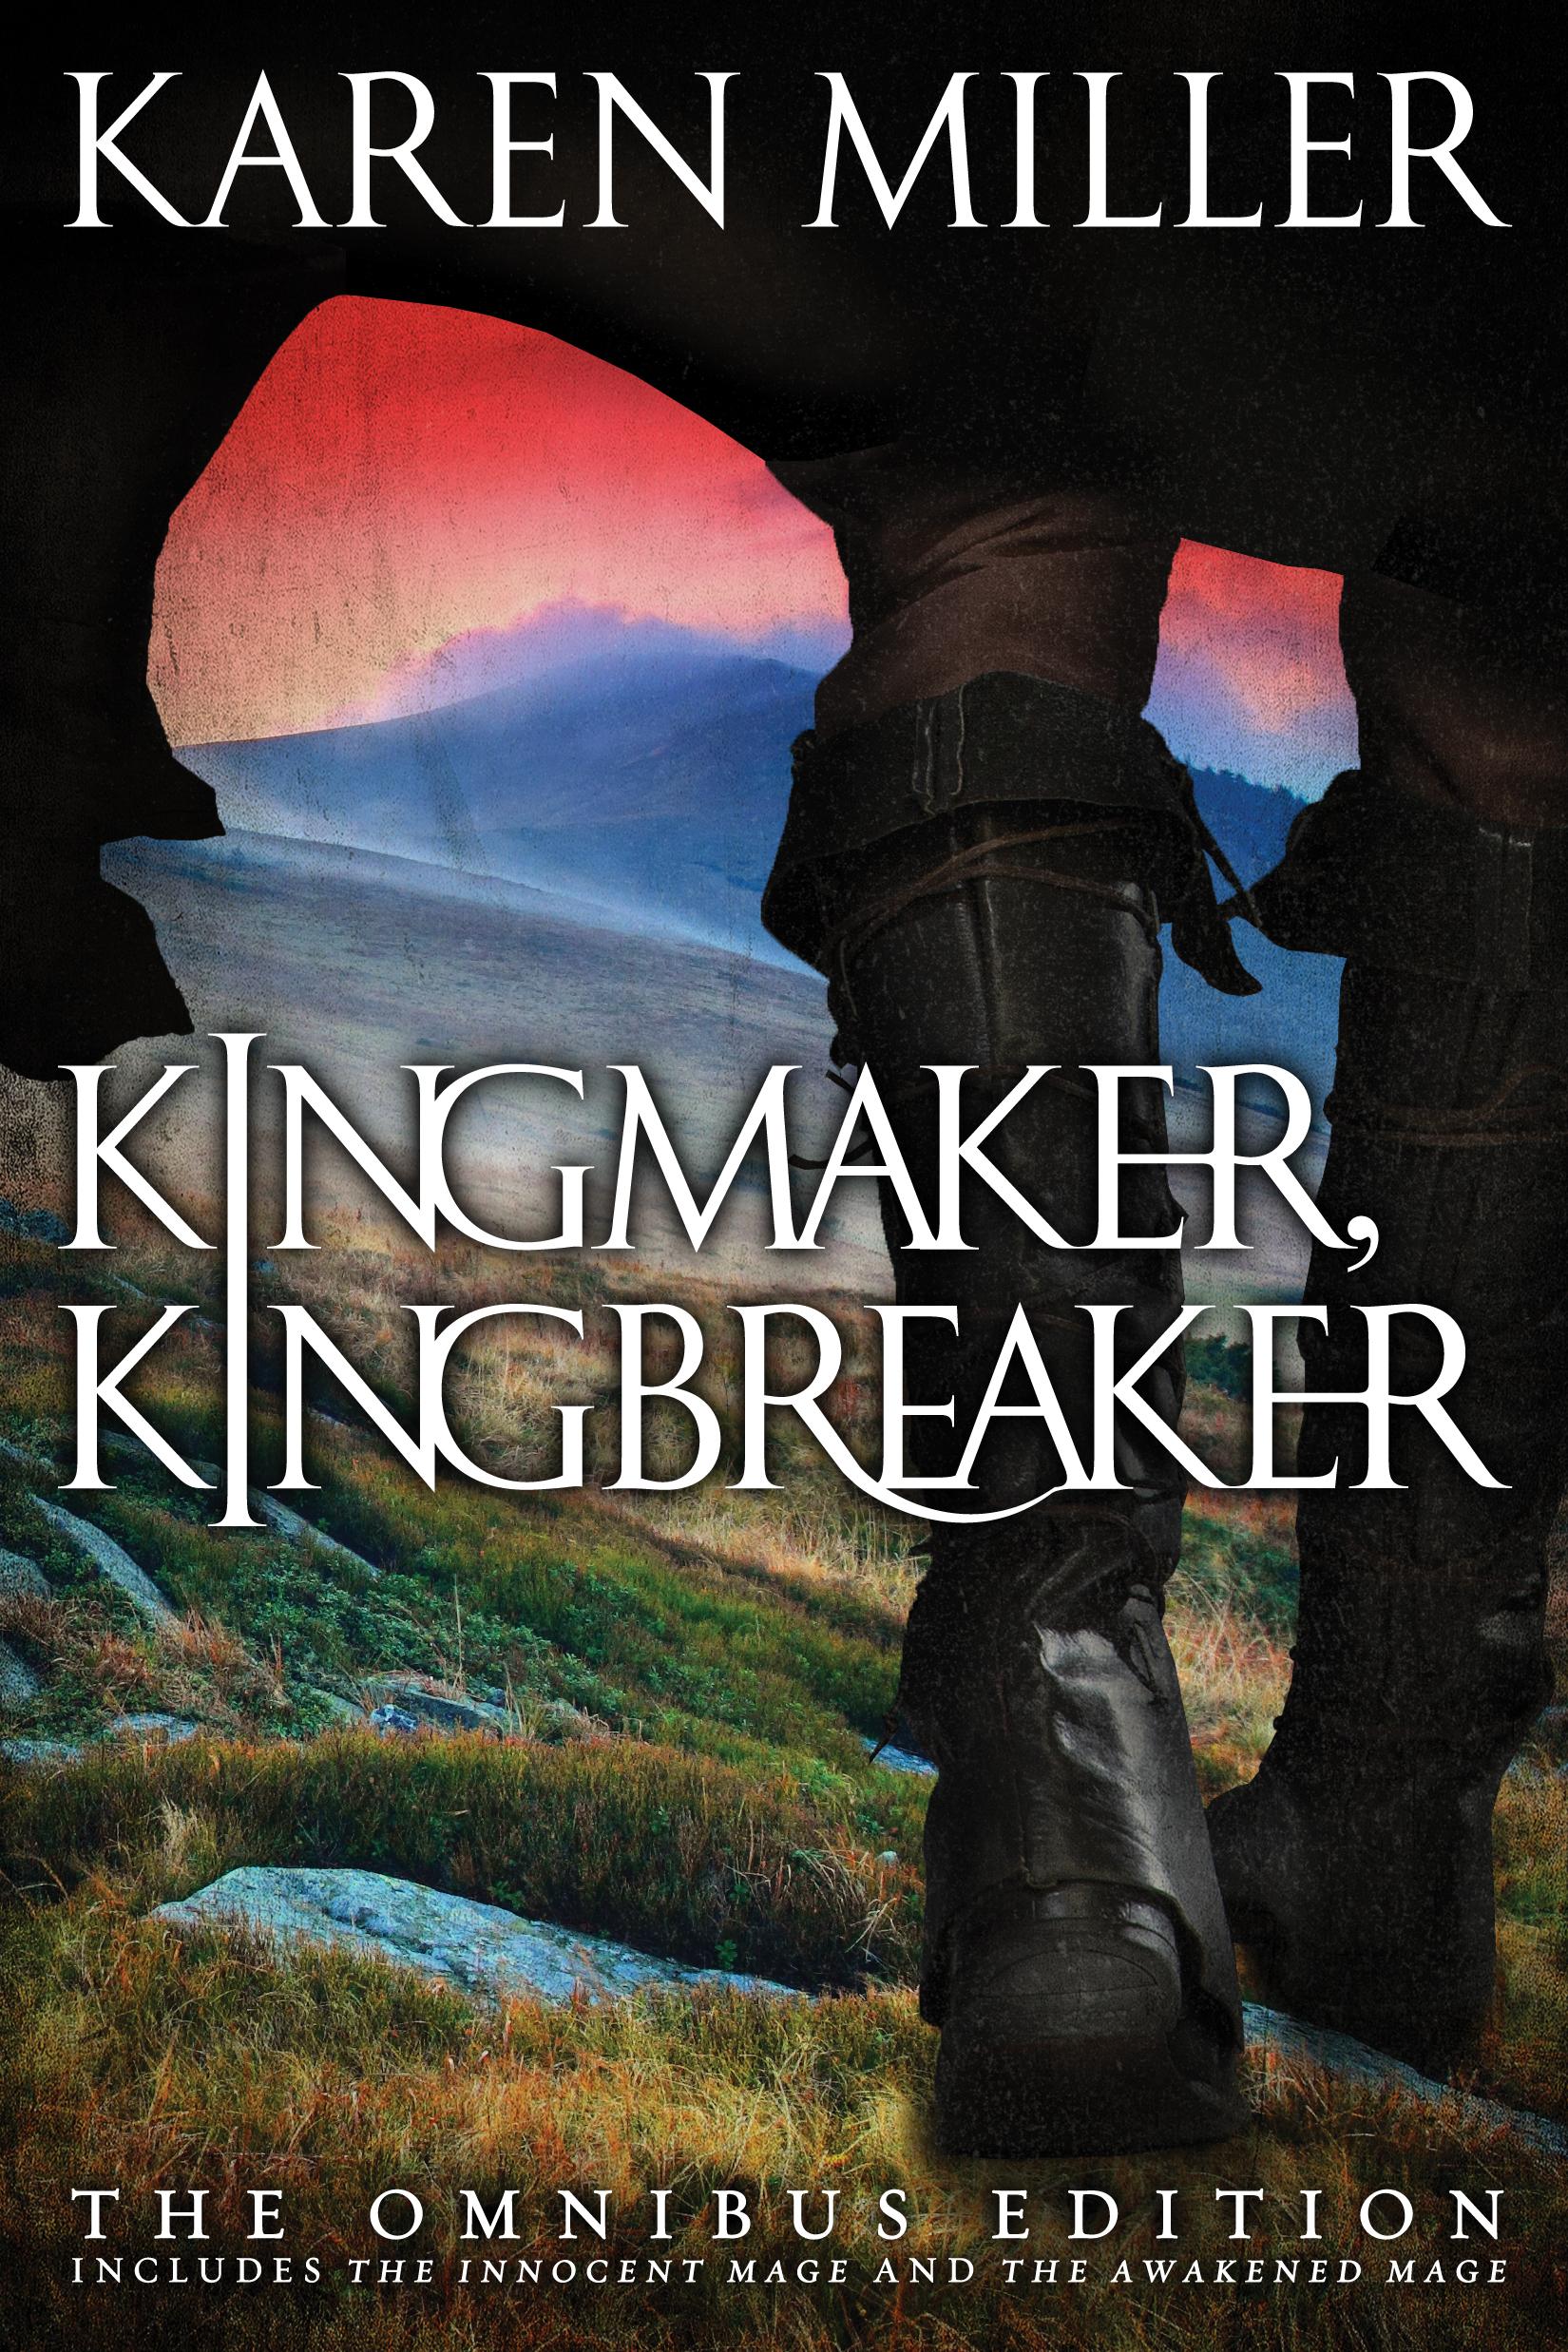 KINGMAKER, KINGBREAKER by Karen Miller